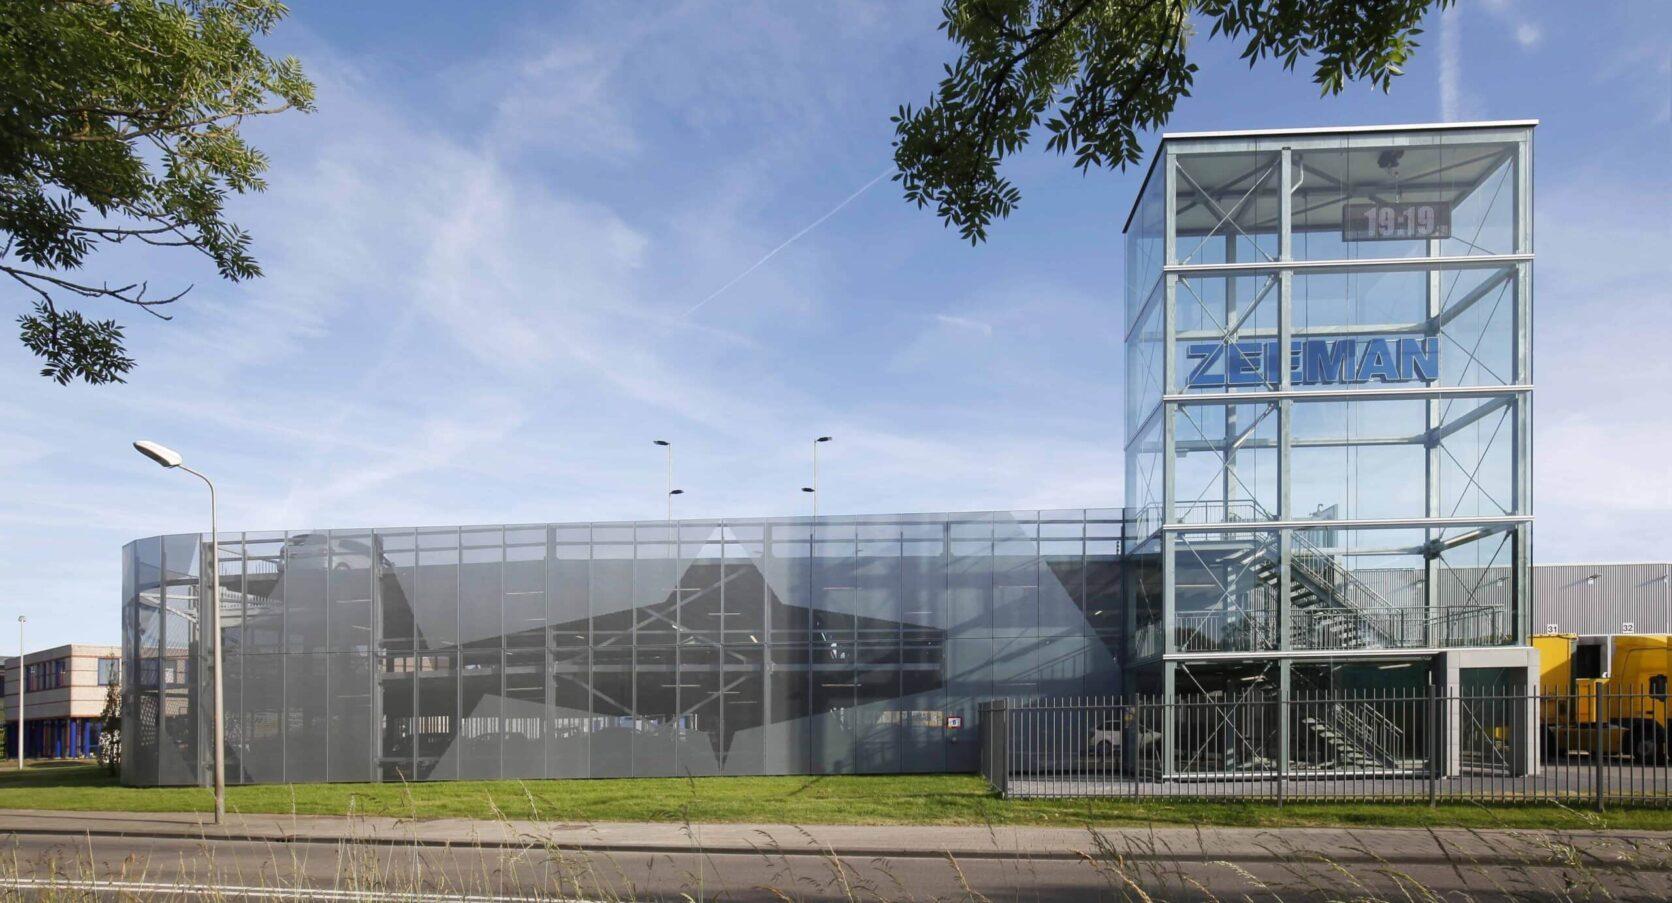 Parkeergarage Zeeman Alphen a/d Rijn voorzien van gevels met MD Designperforatie